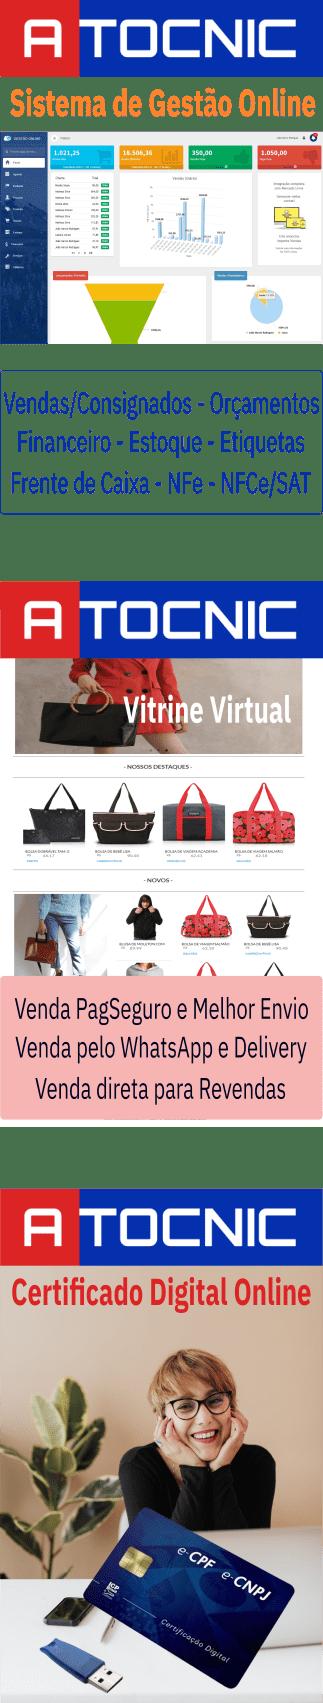 https://atocnic.com.br/#Lojas-Escritorios-Vendedores